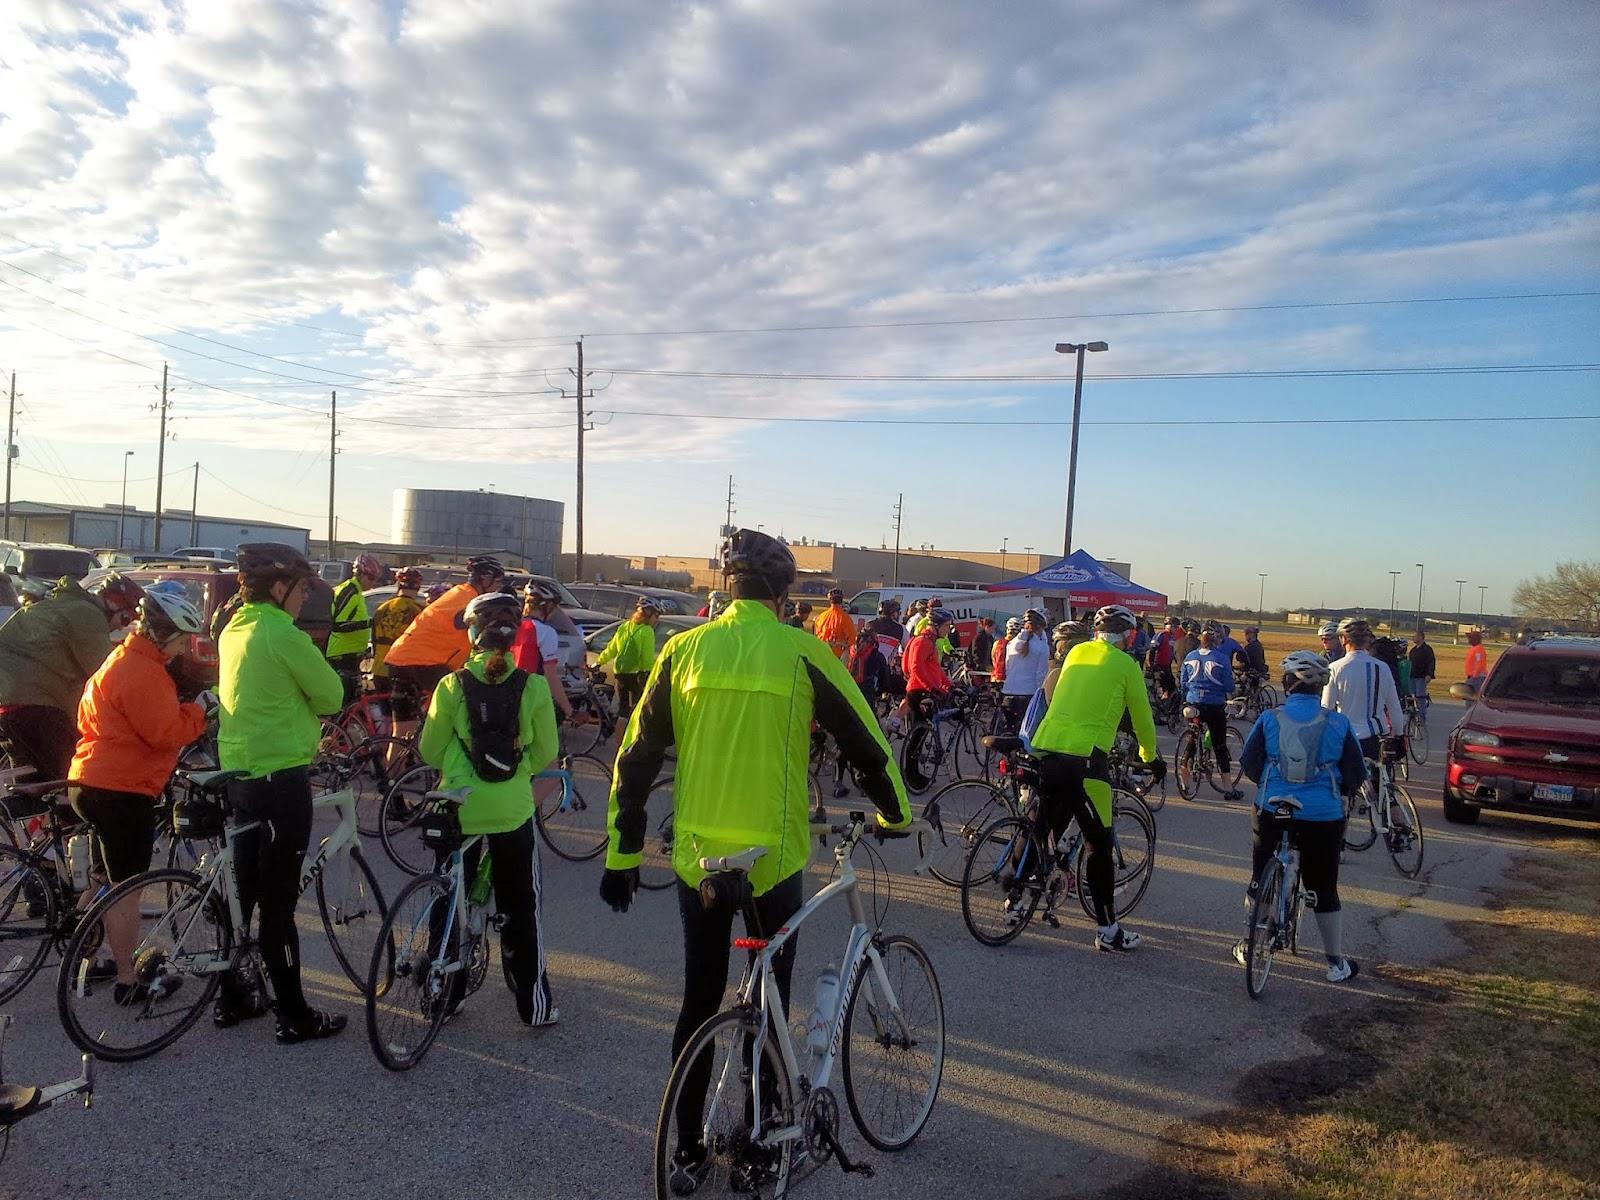 Start Of Bike Ride